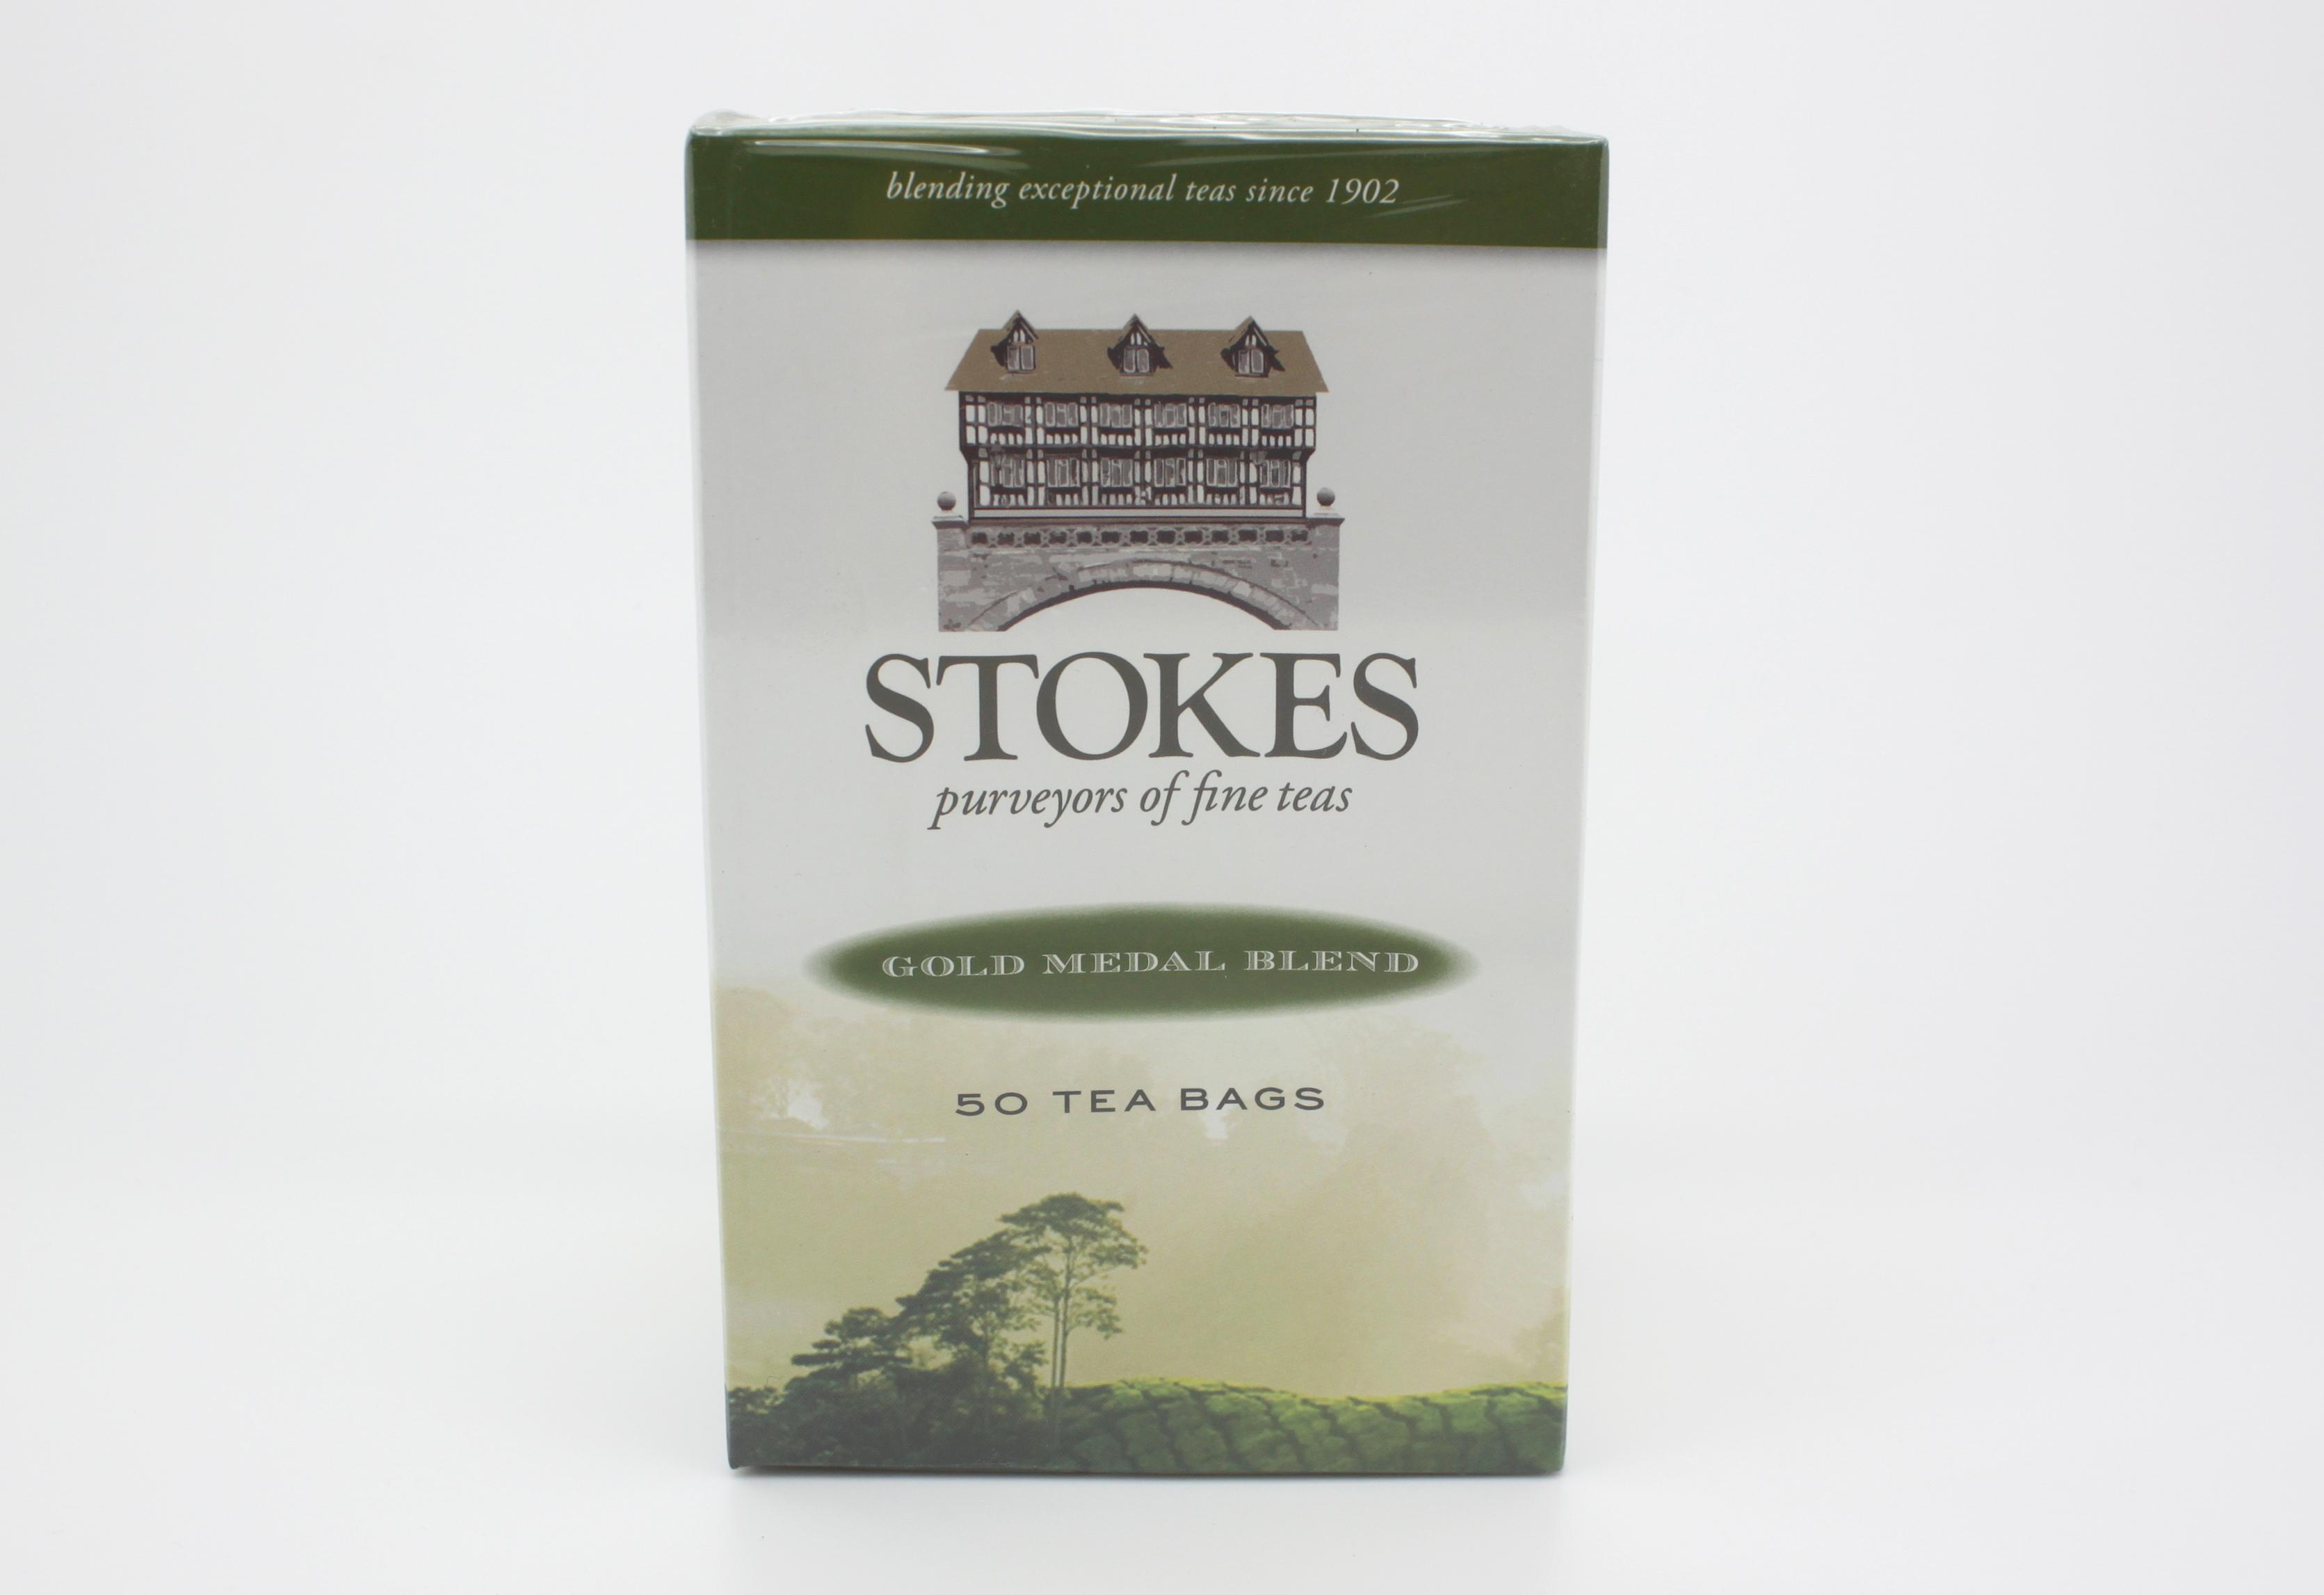 Stokes Tea Bags